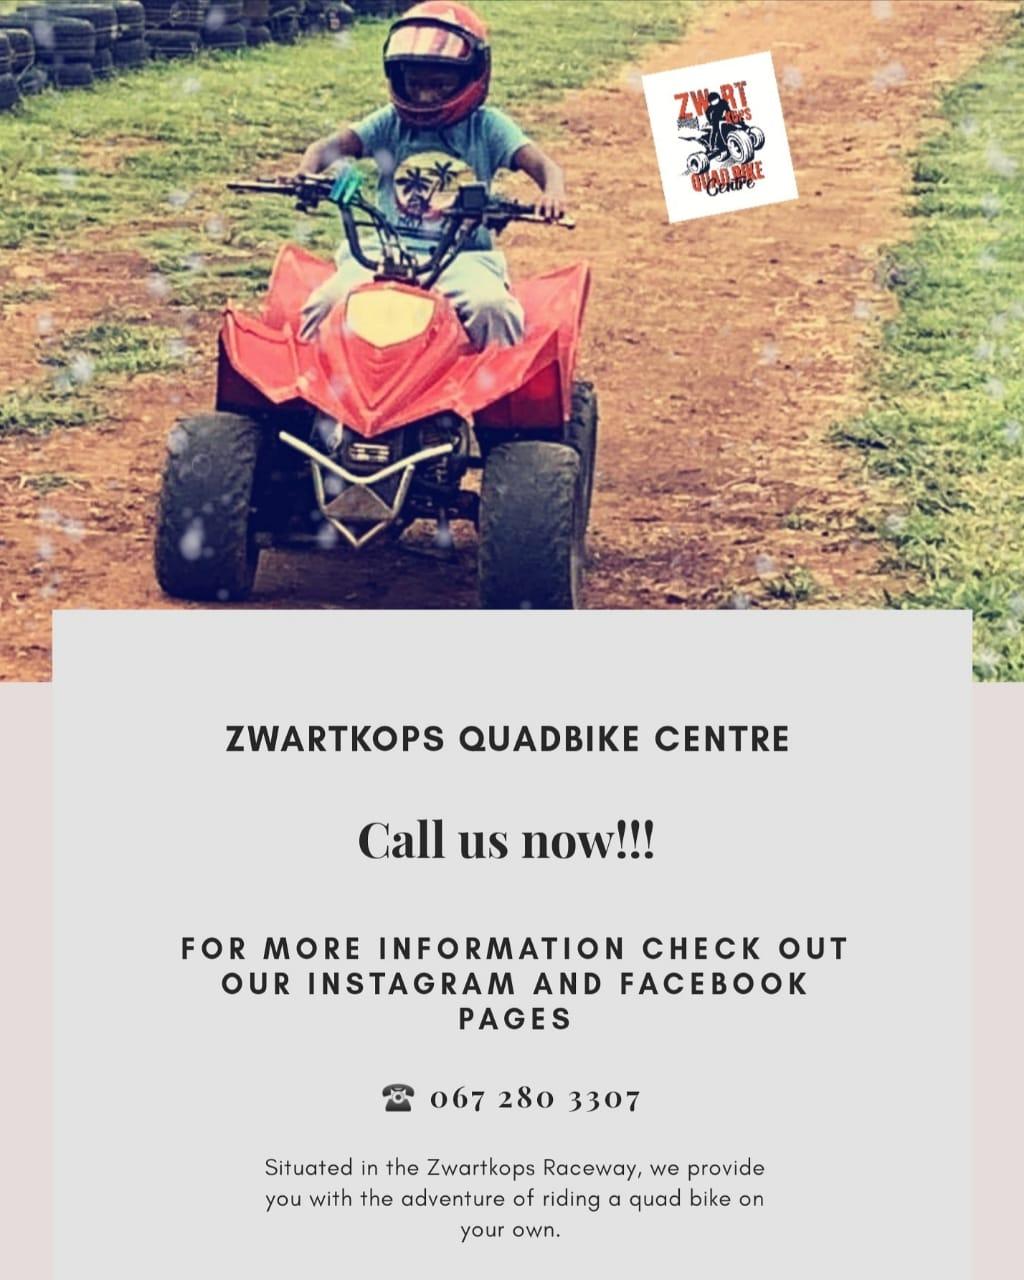 Zwartkops Quadbike Centre